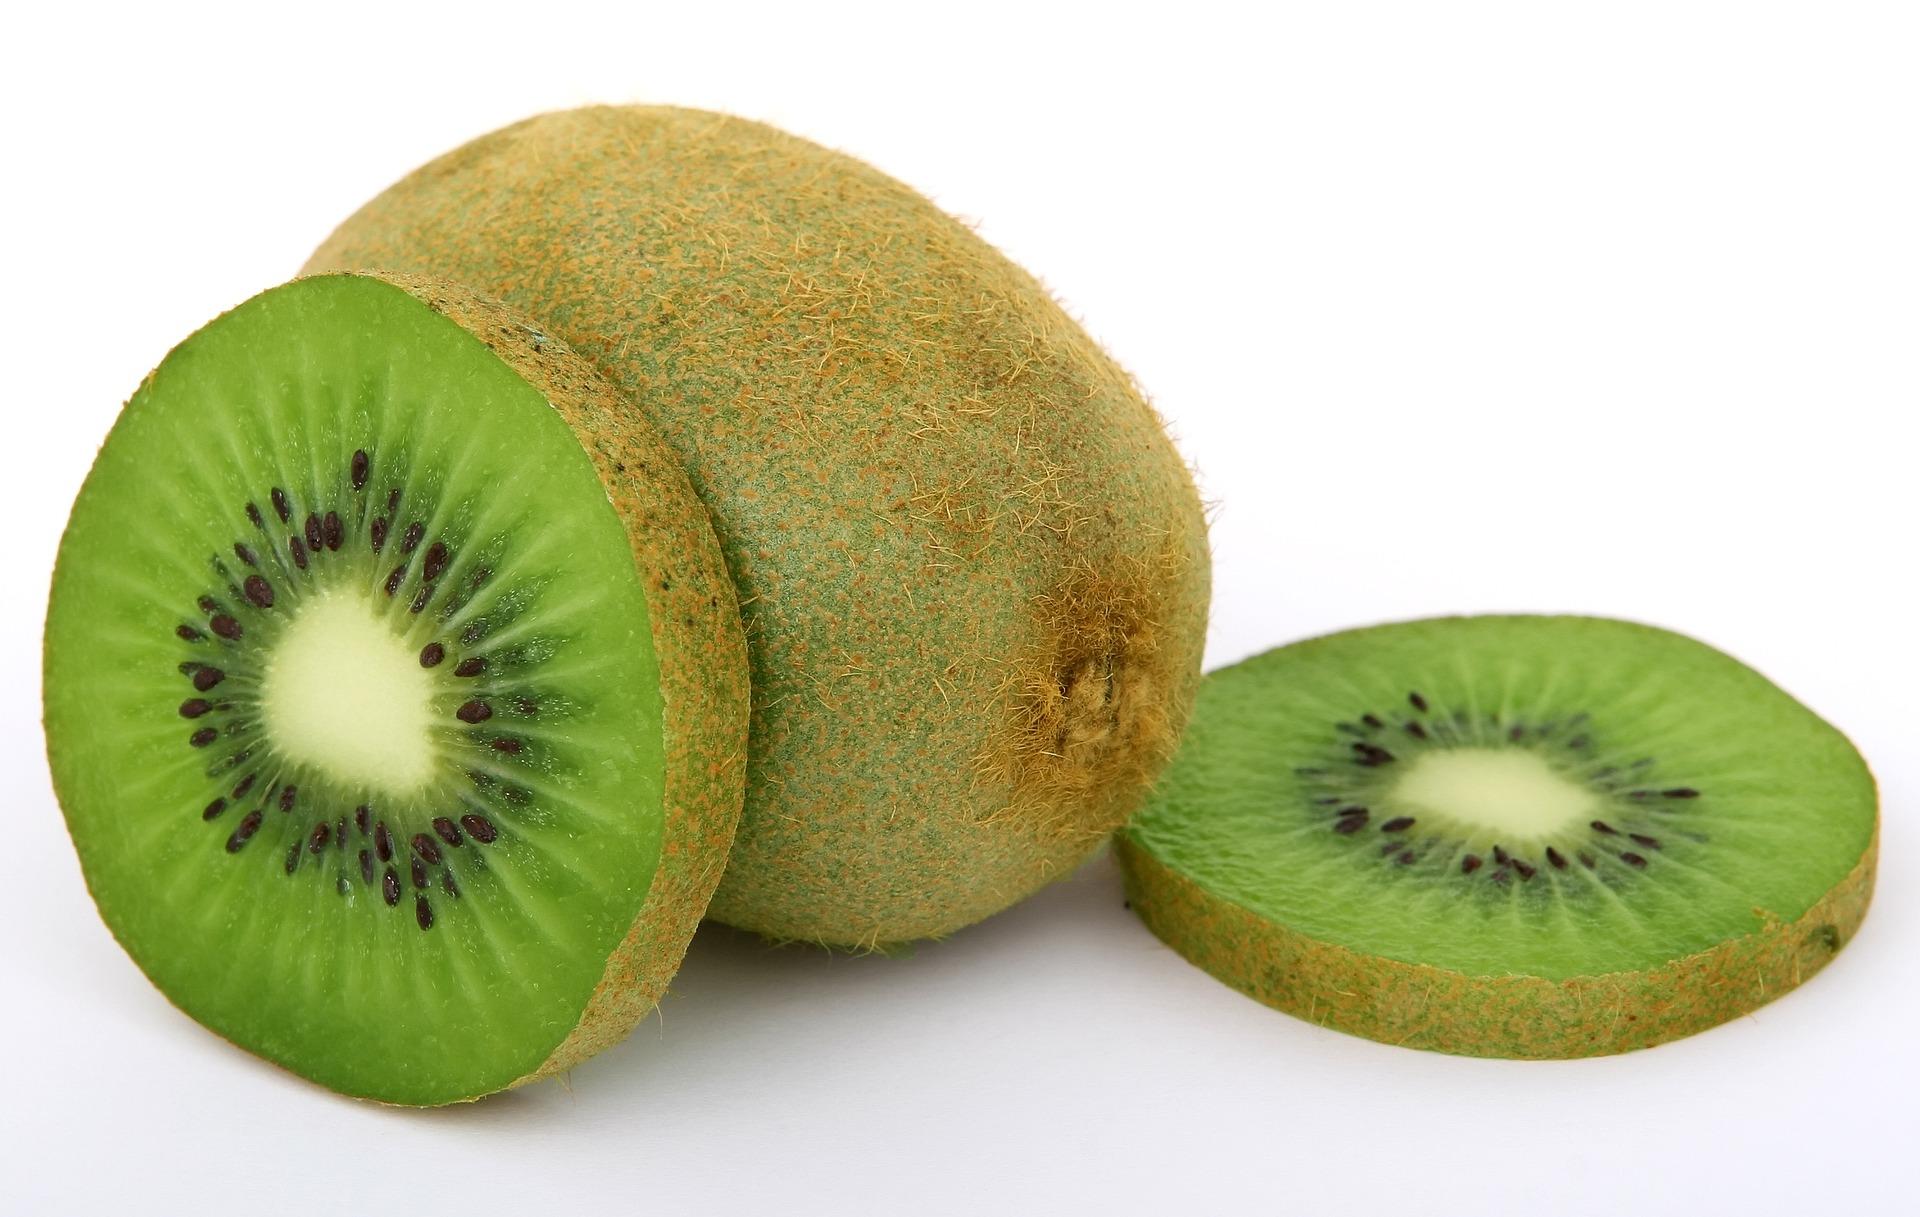 konsumsi kiwi